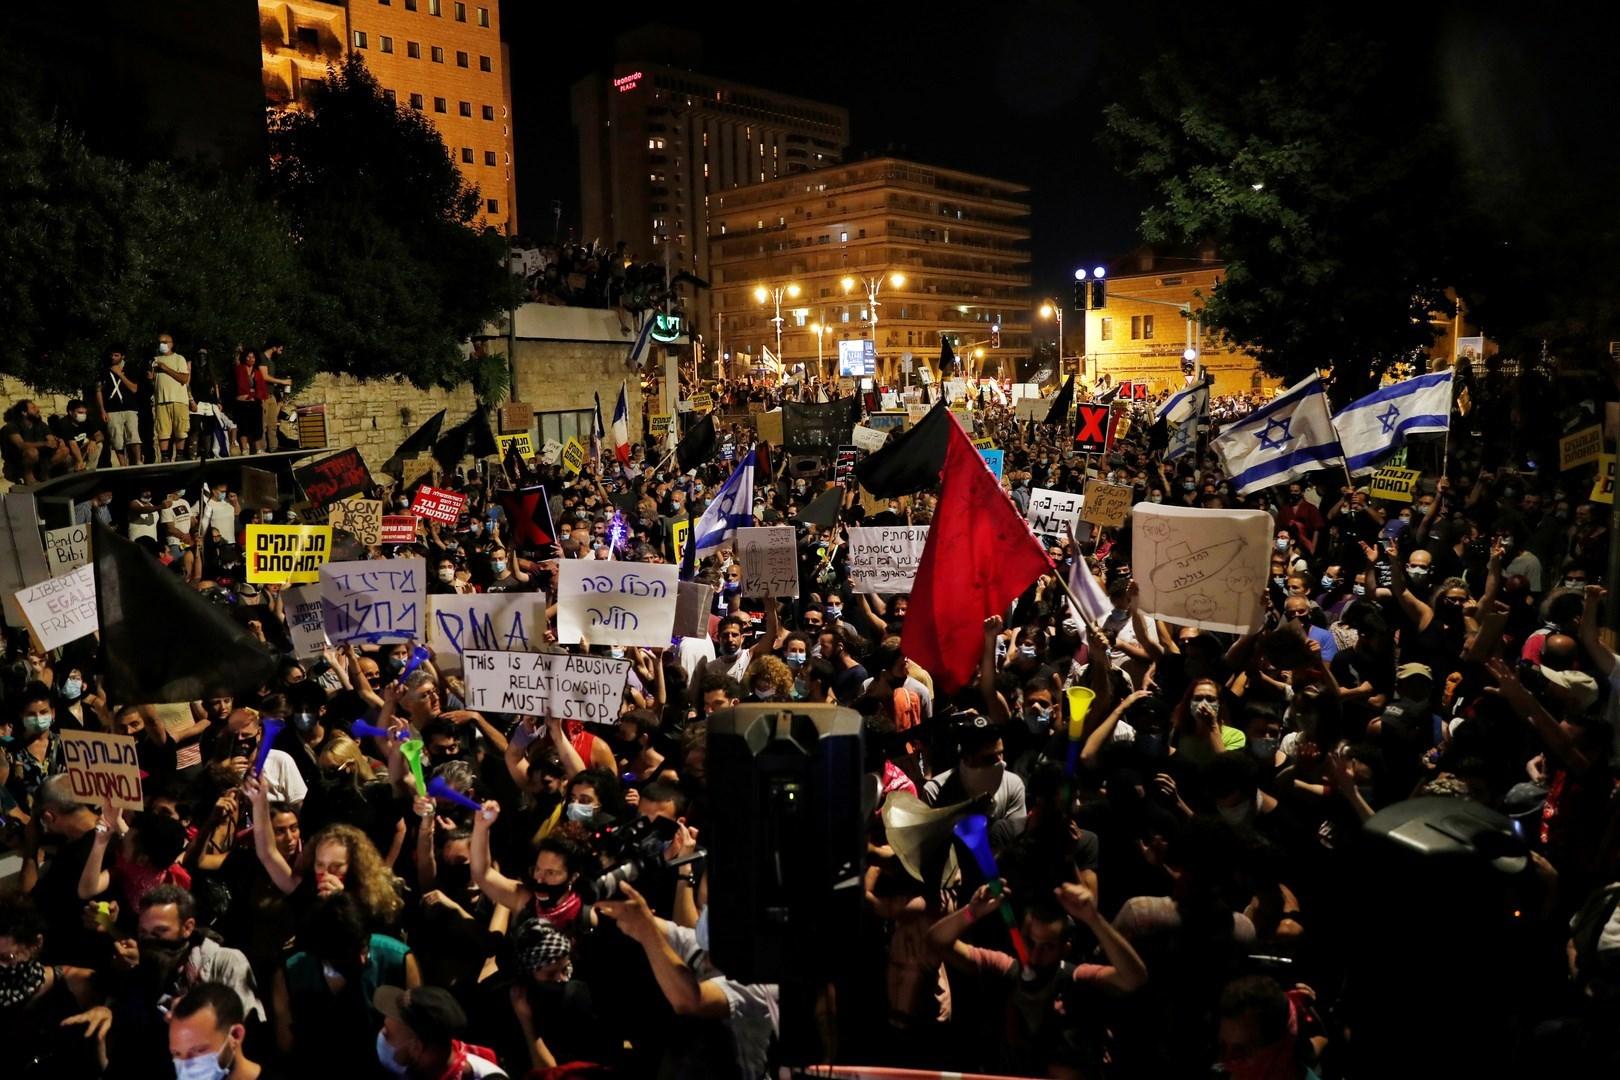 ستنظم مظاهرة واسعة النطاق في وقت لاحق من مساء اليوم أمام المقر الرسمي لنتنياهو